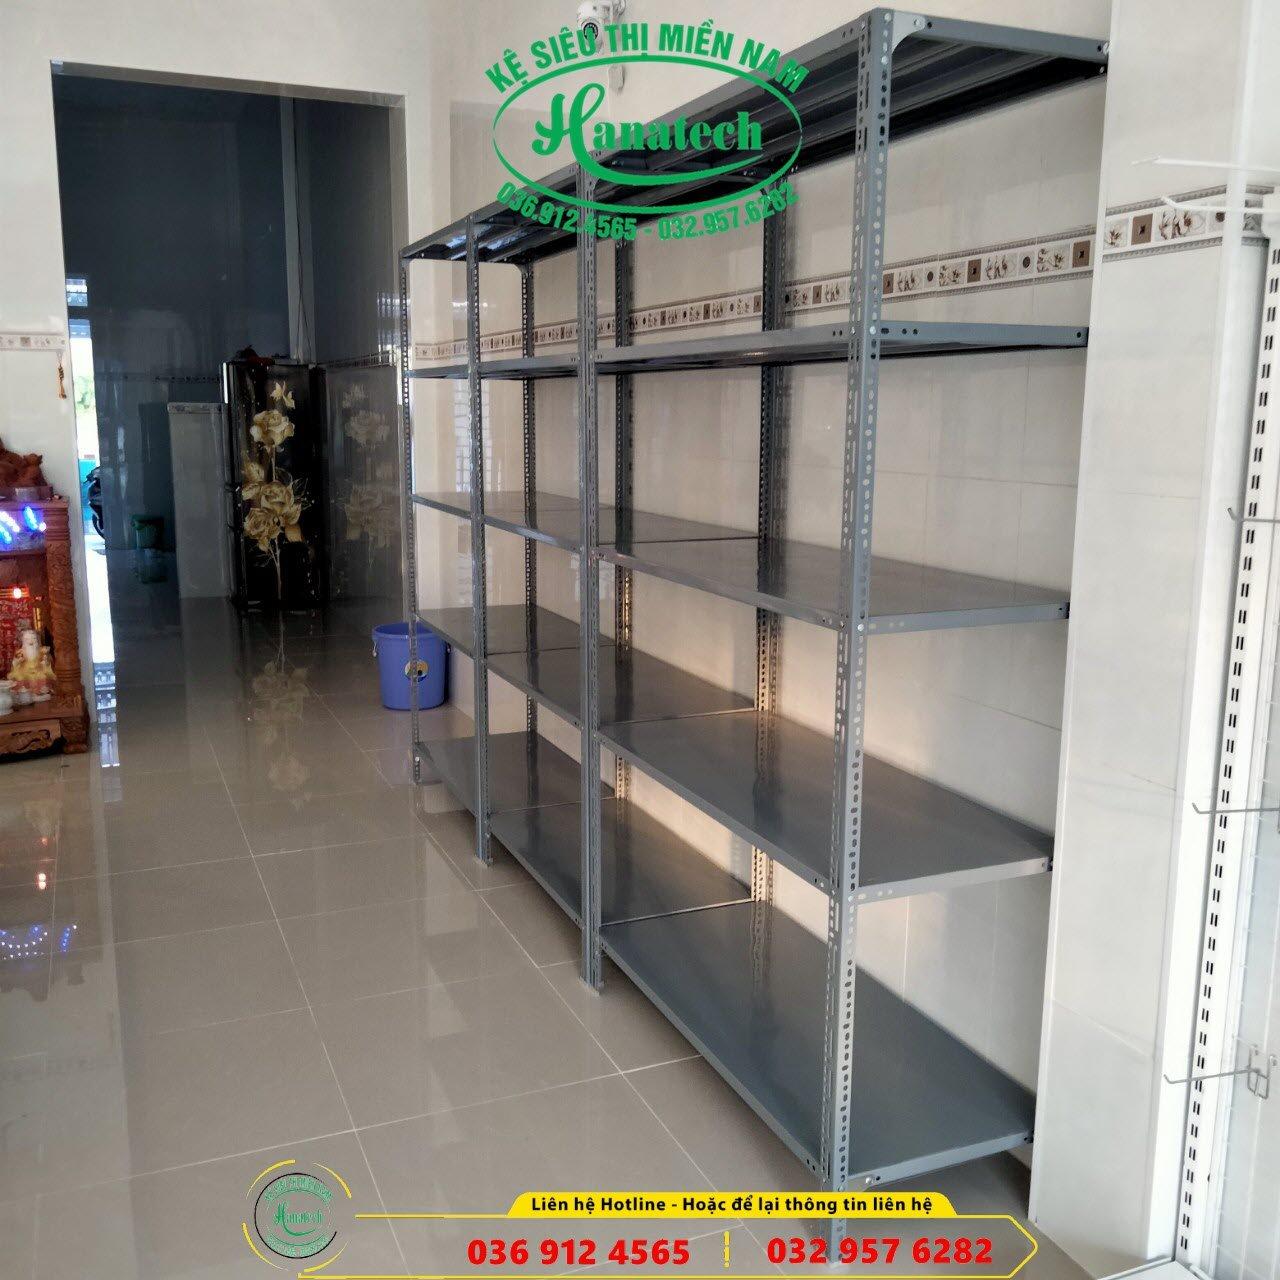 Kệ sắt V lỗ tại Lâm Đồng